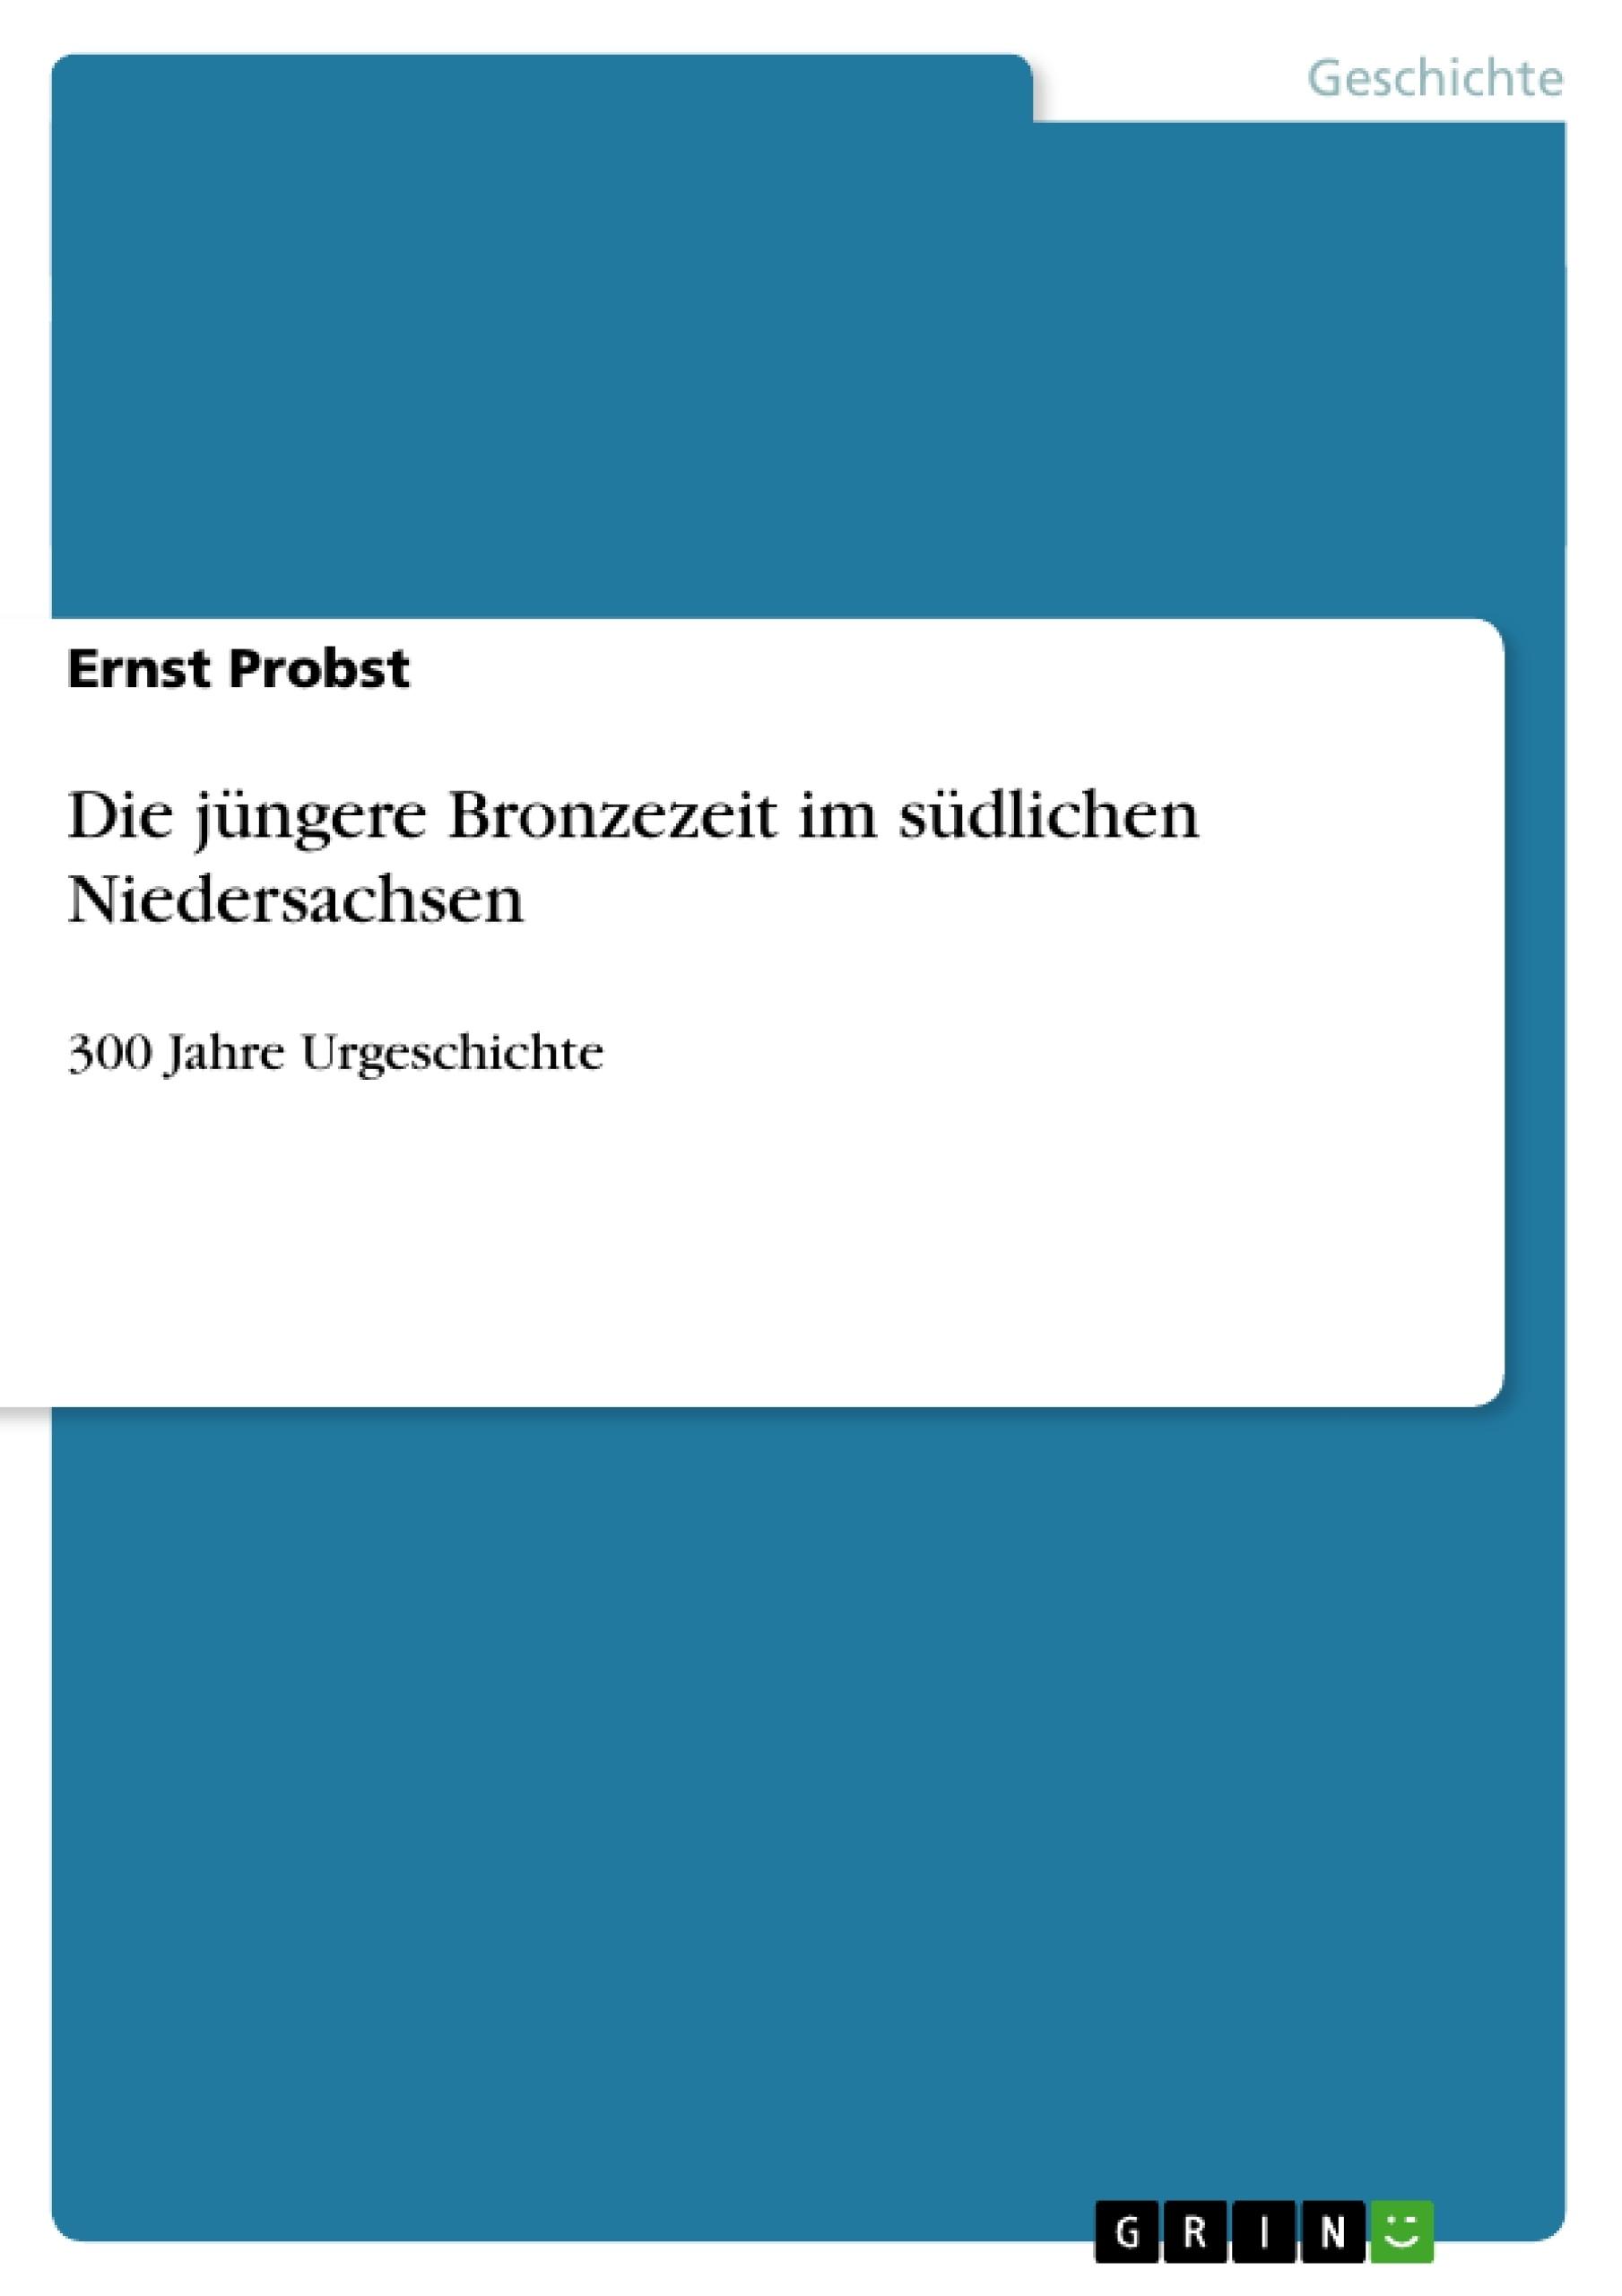 Titel: Die jüngere Bronzezeit im südlichen Niedersachsen